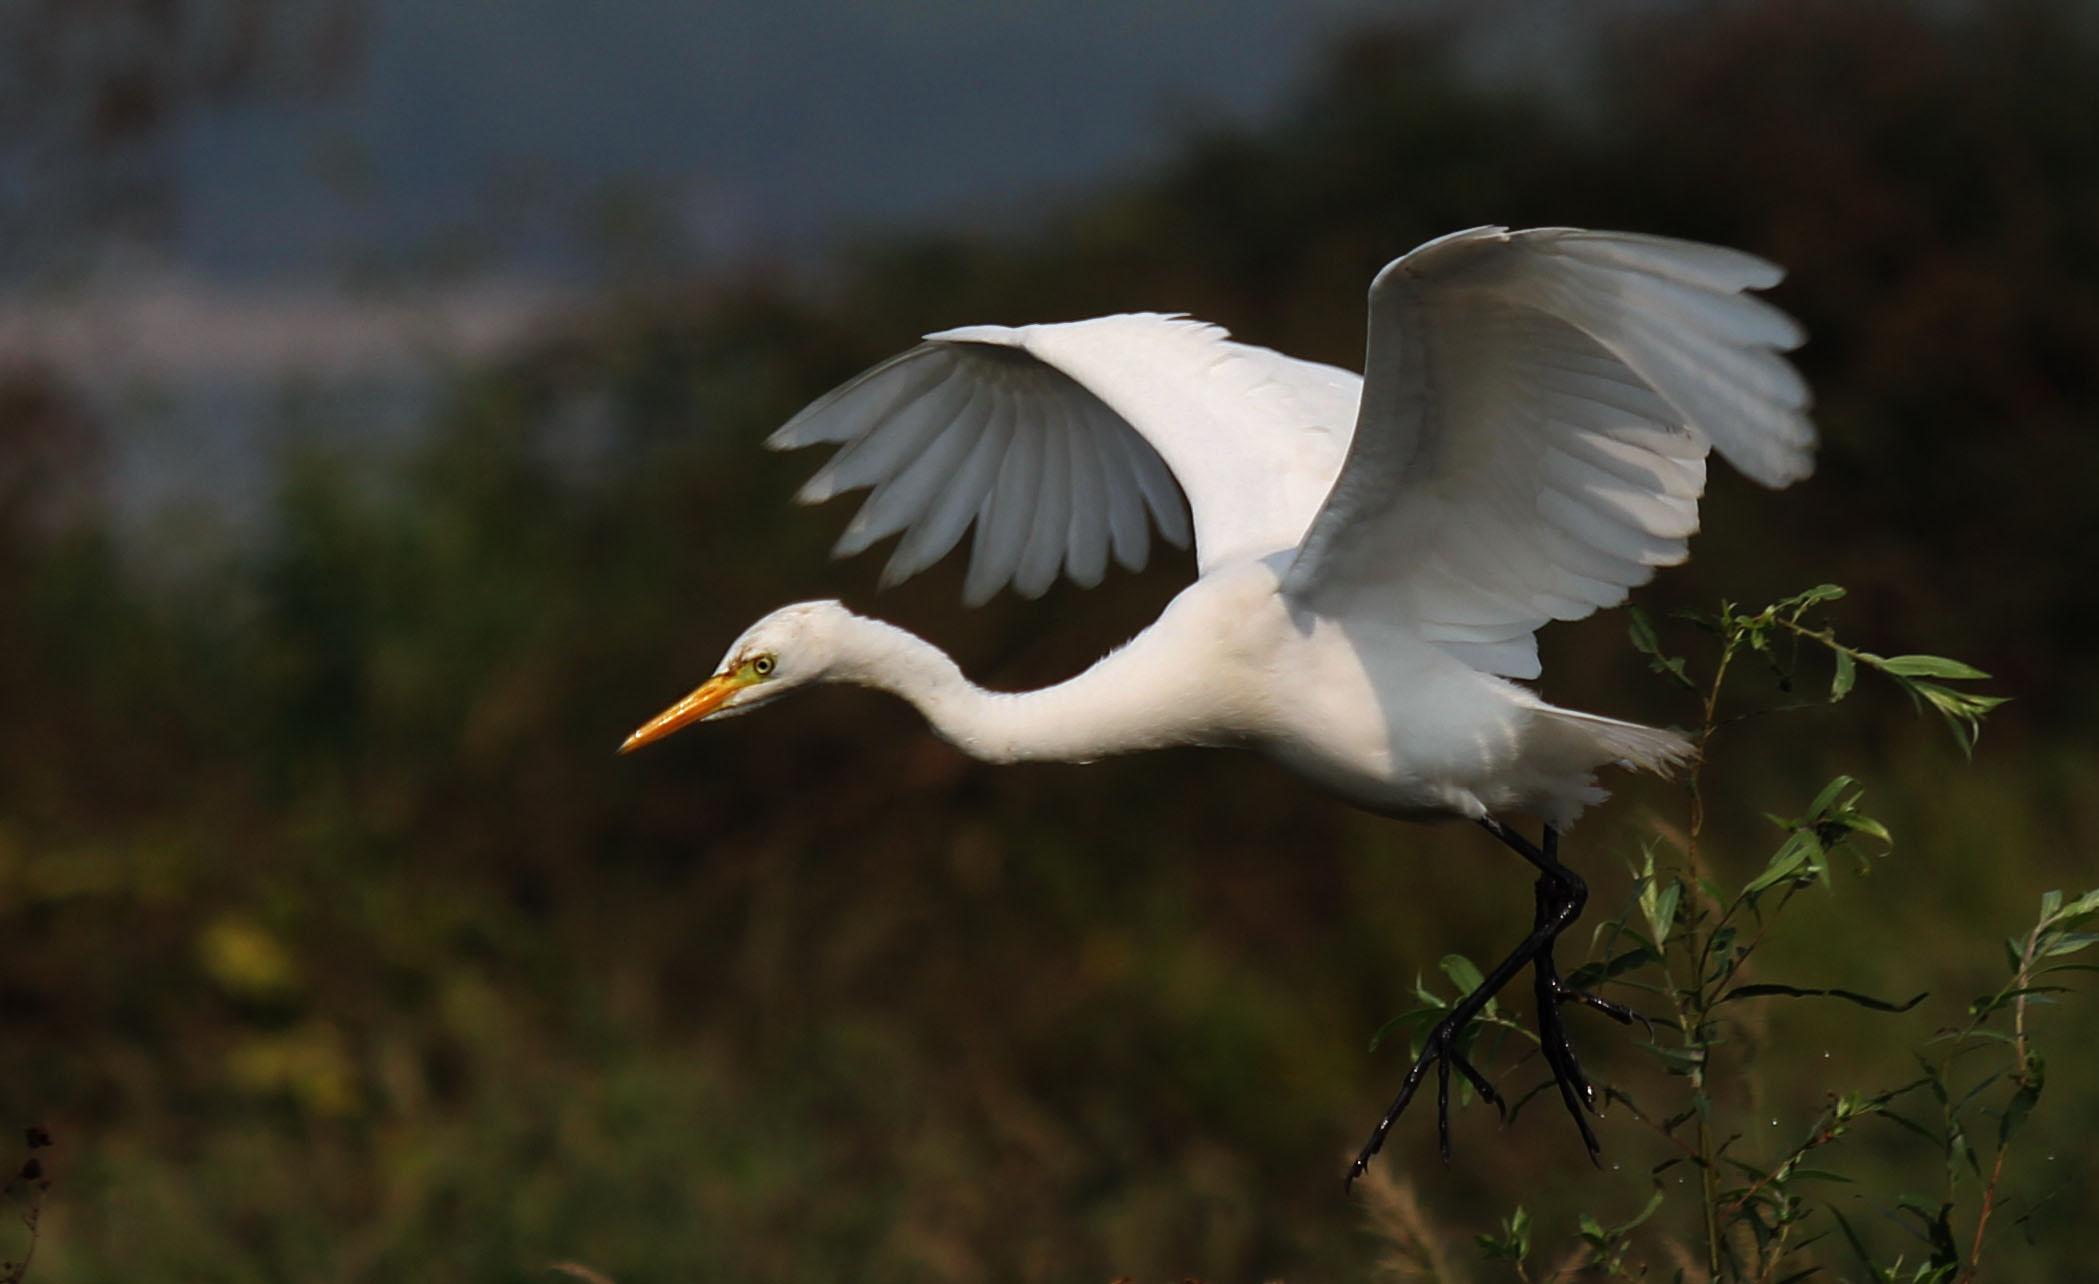 壁纸 动物 鸟 摄影 桌面 2099_1284